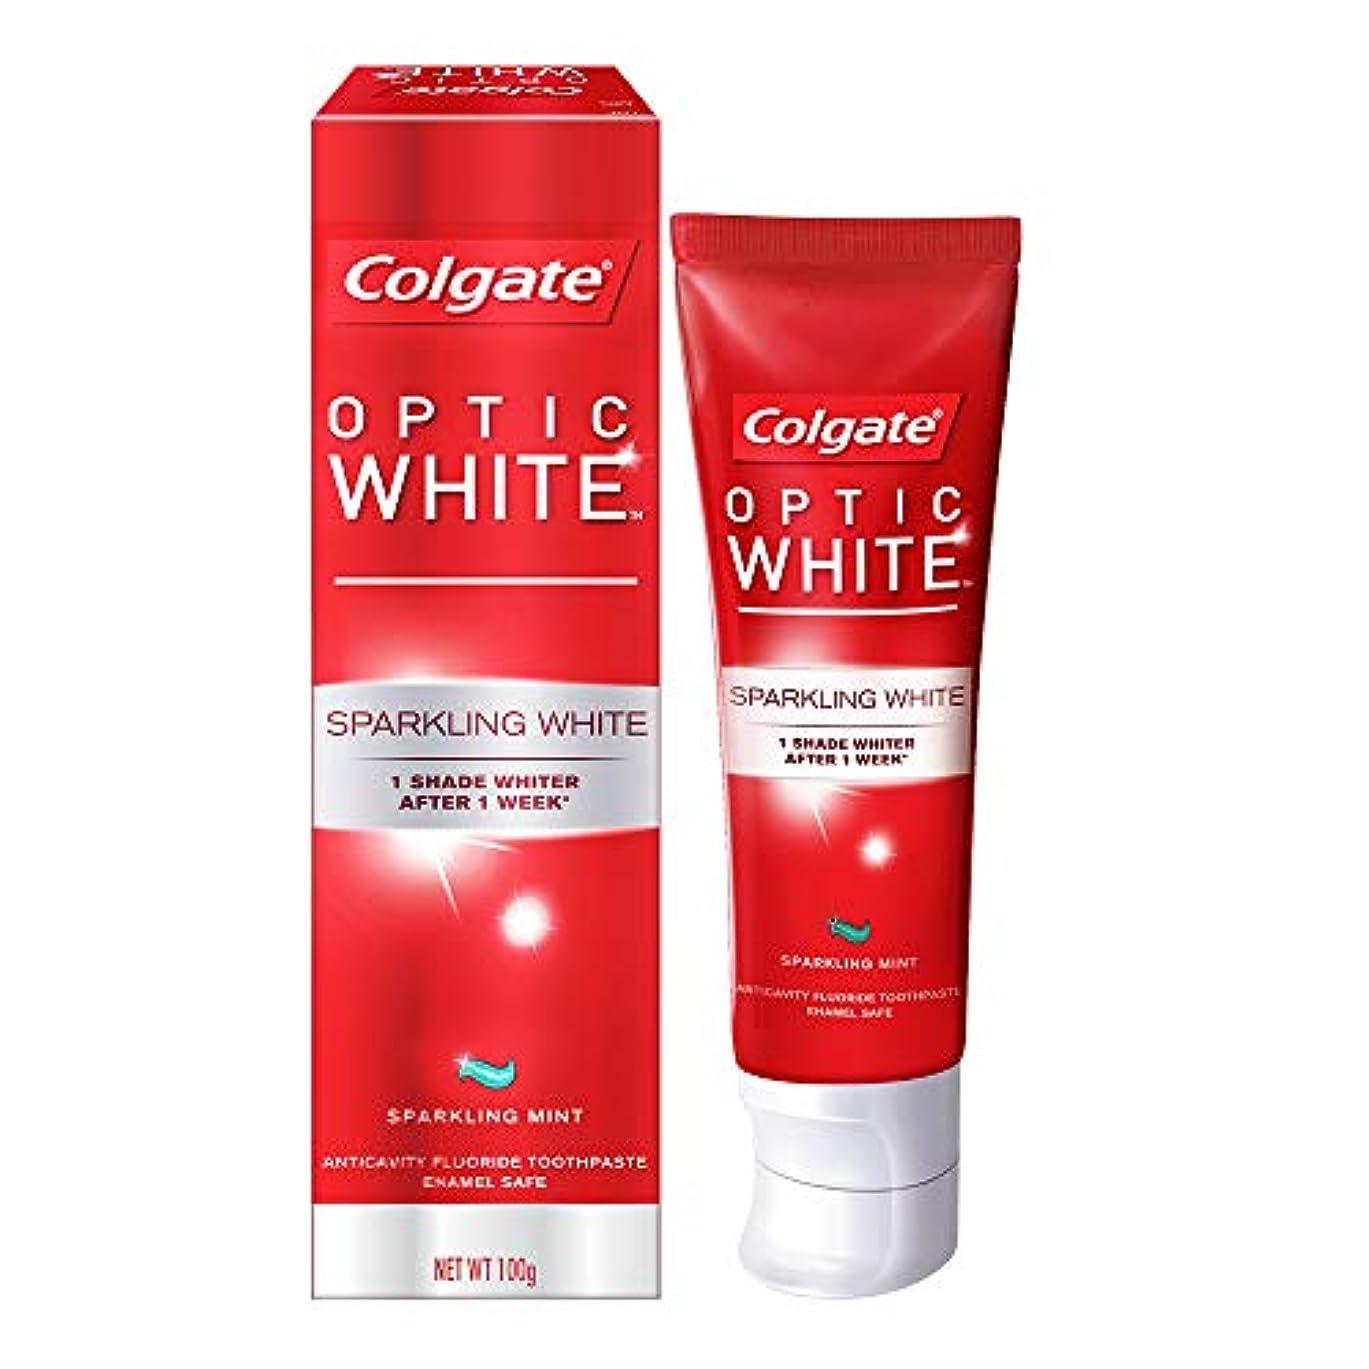 コールゲート オプティック ホワイト スパークリングシャイン 100g 歯磨き粉 Colgate Optic White Sparkling Shine 100g Tooth Paste